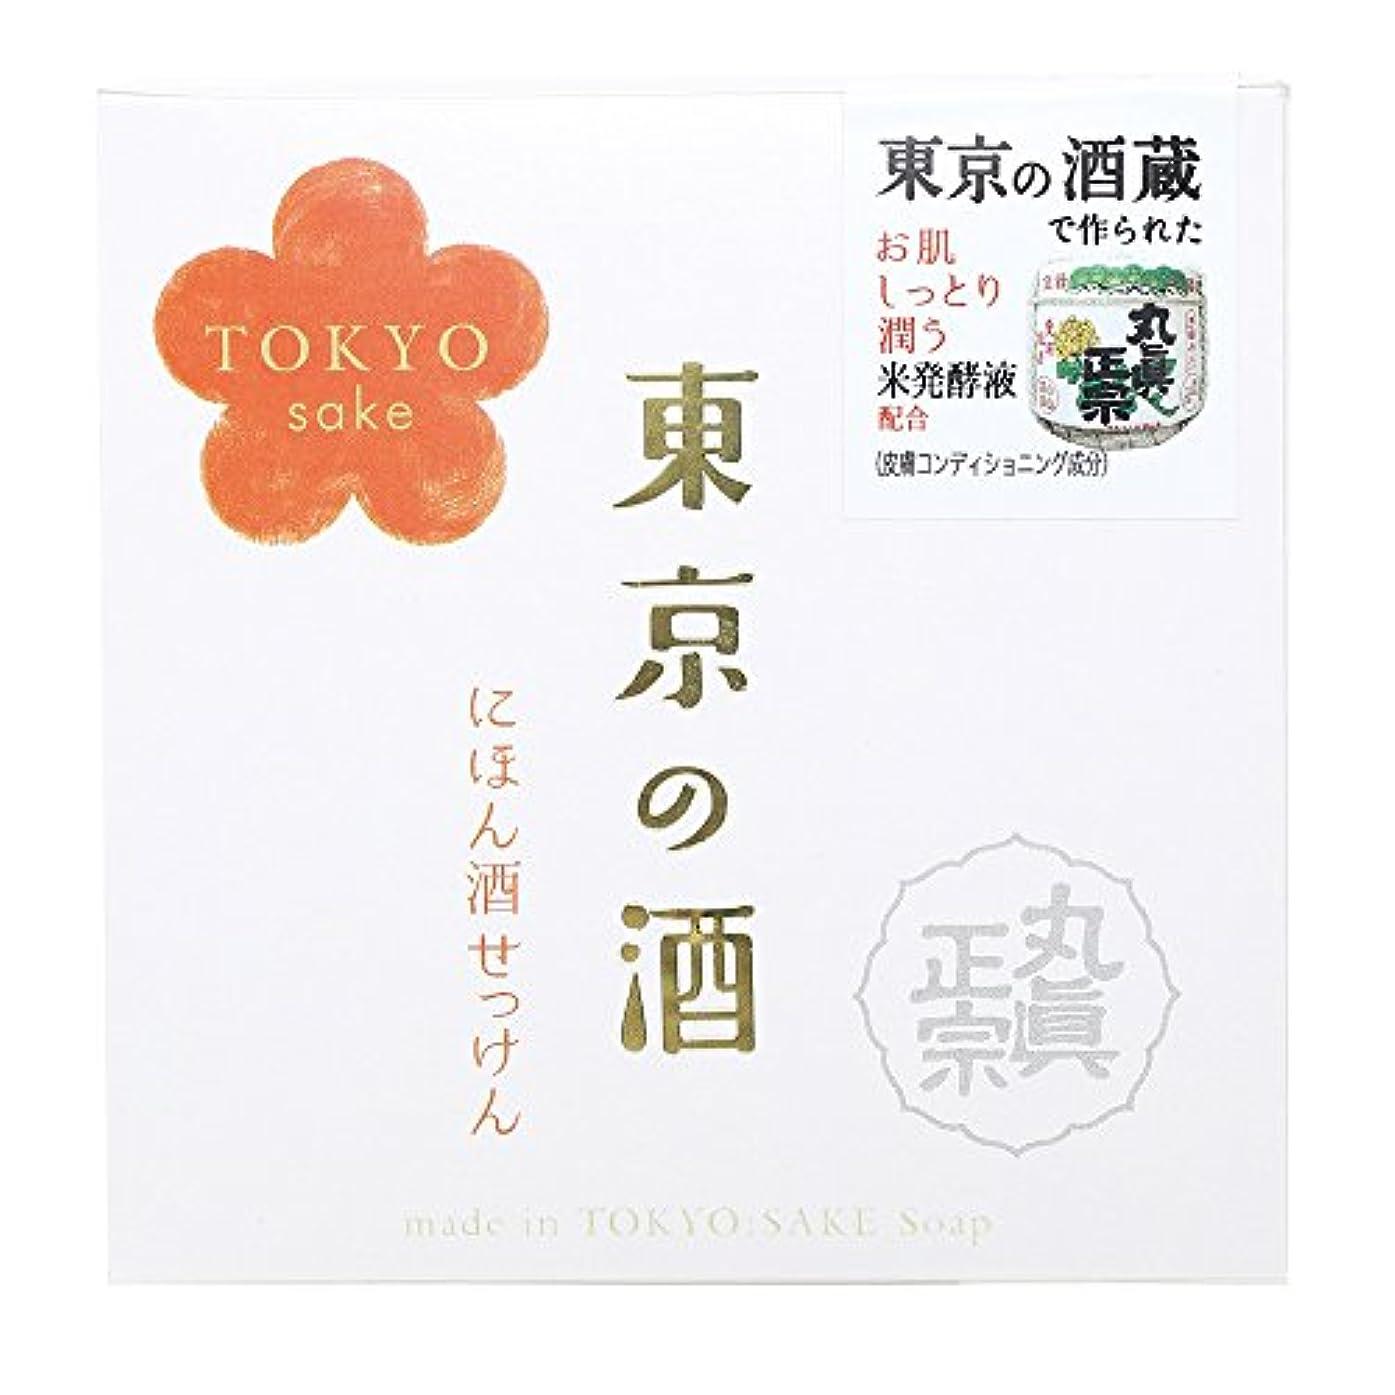 まろやかなシャーロックホームズ代数的ノルコーポレーション 東京の酒 石けん OB-TKY-1-1 100g